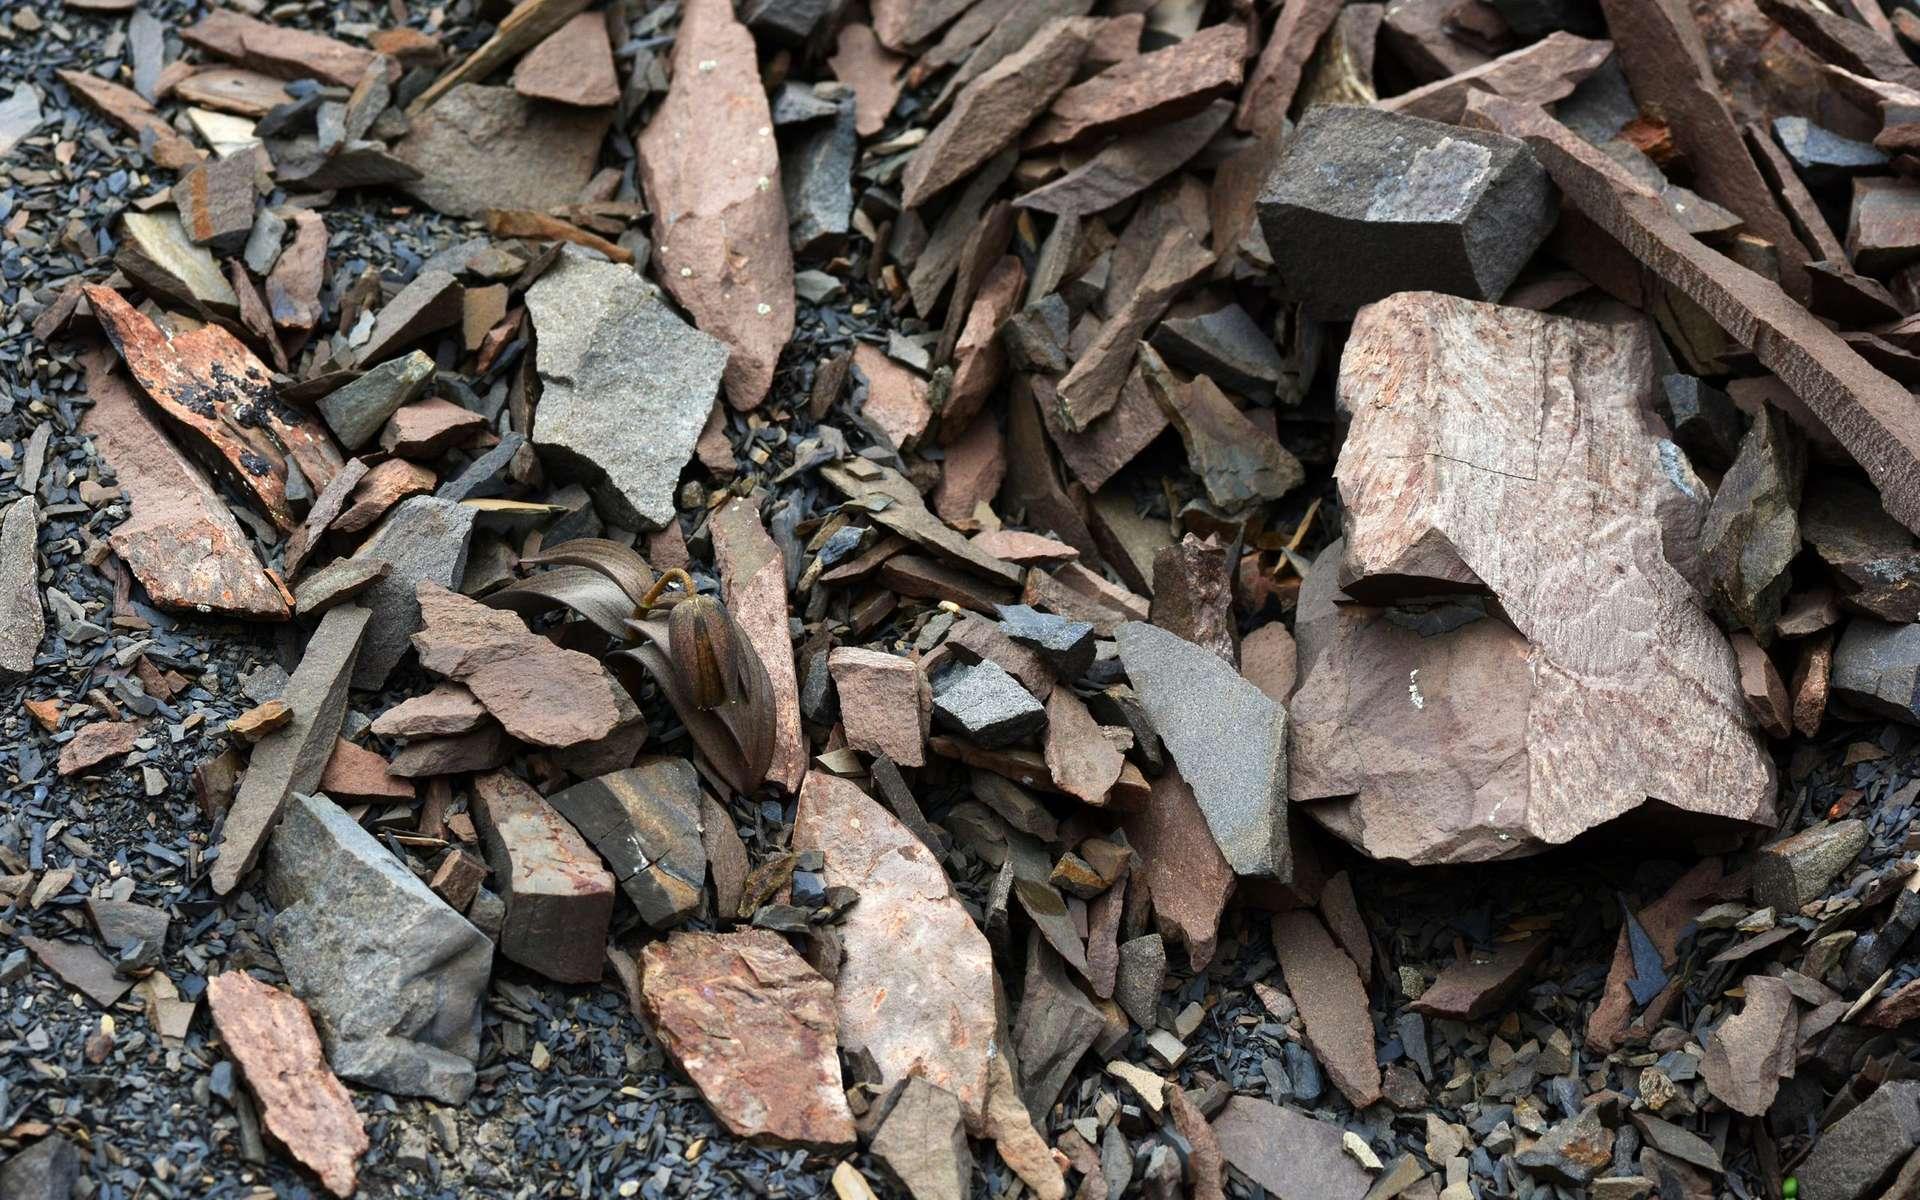 La fritillaire a évolué pour échapper au regard des cueilleurs. © Yang Niu